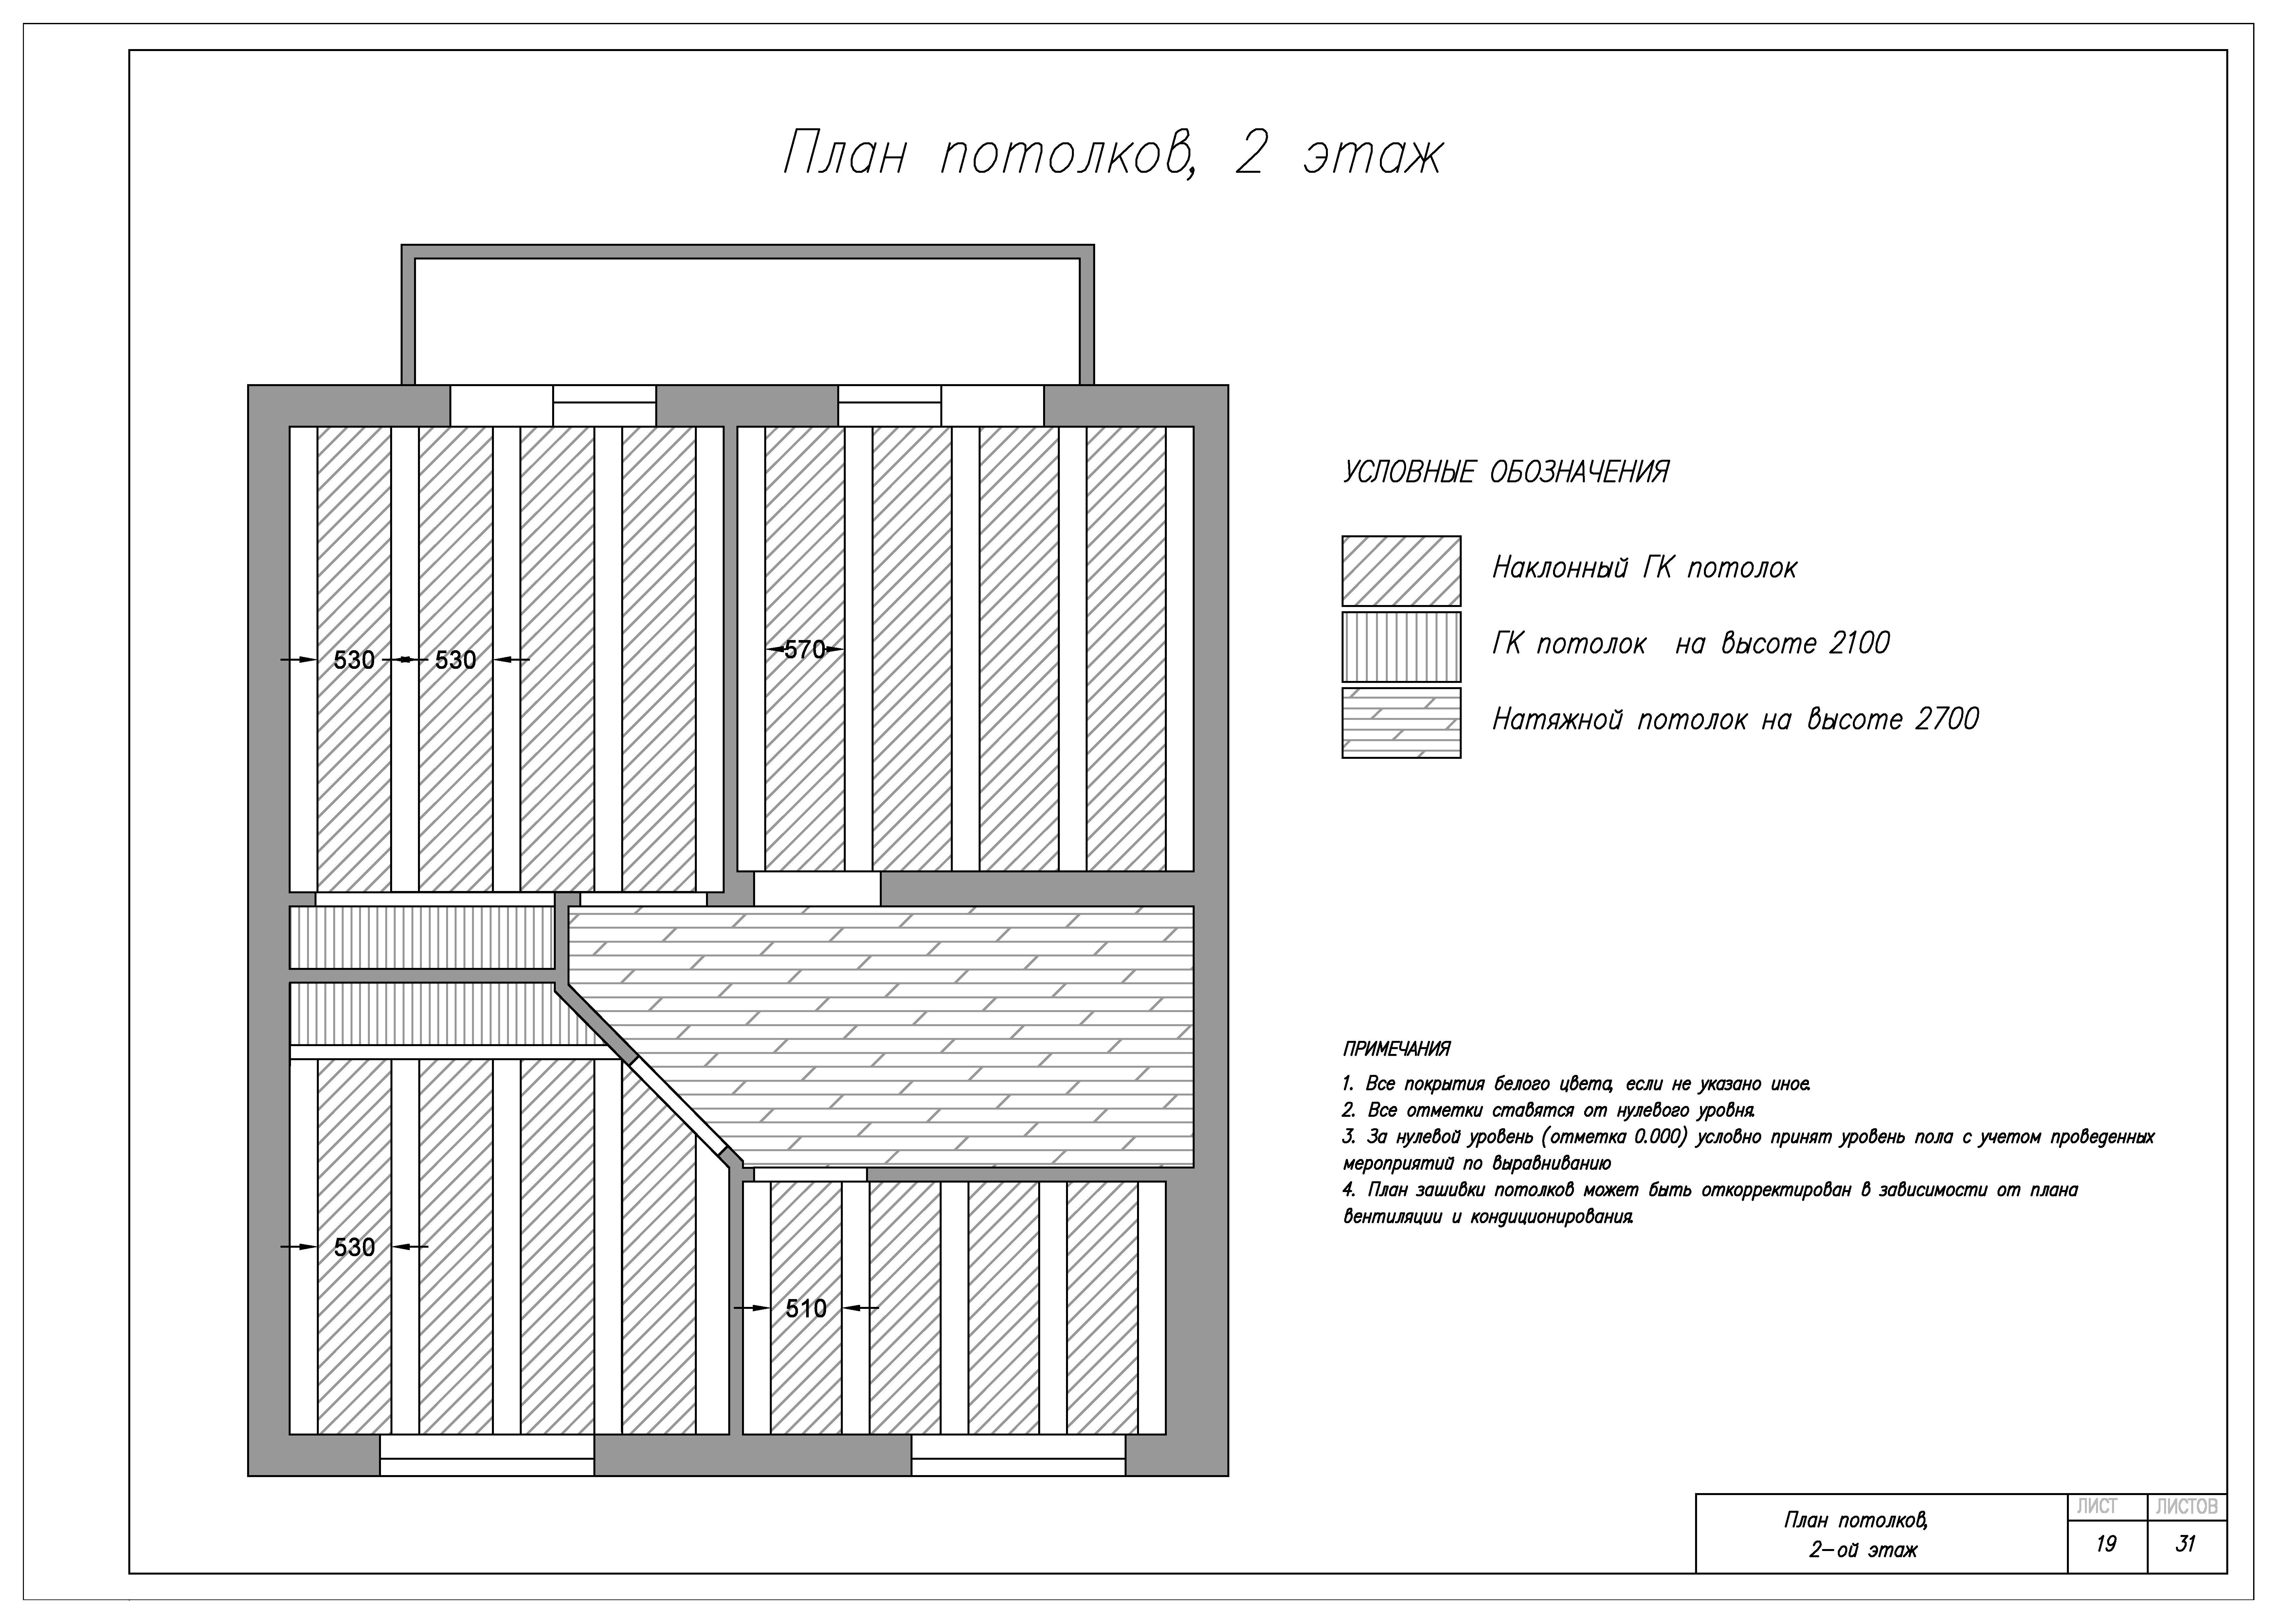 План напольных покрытий, 2 этаж